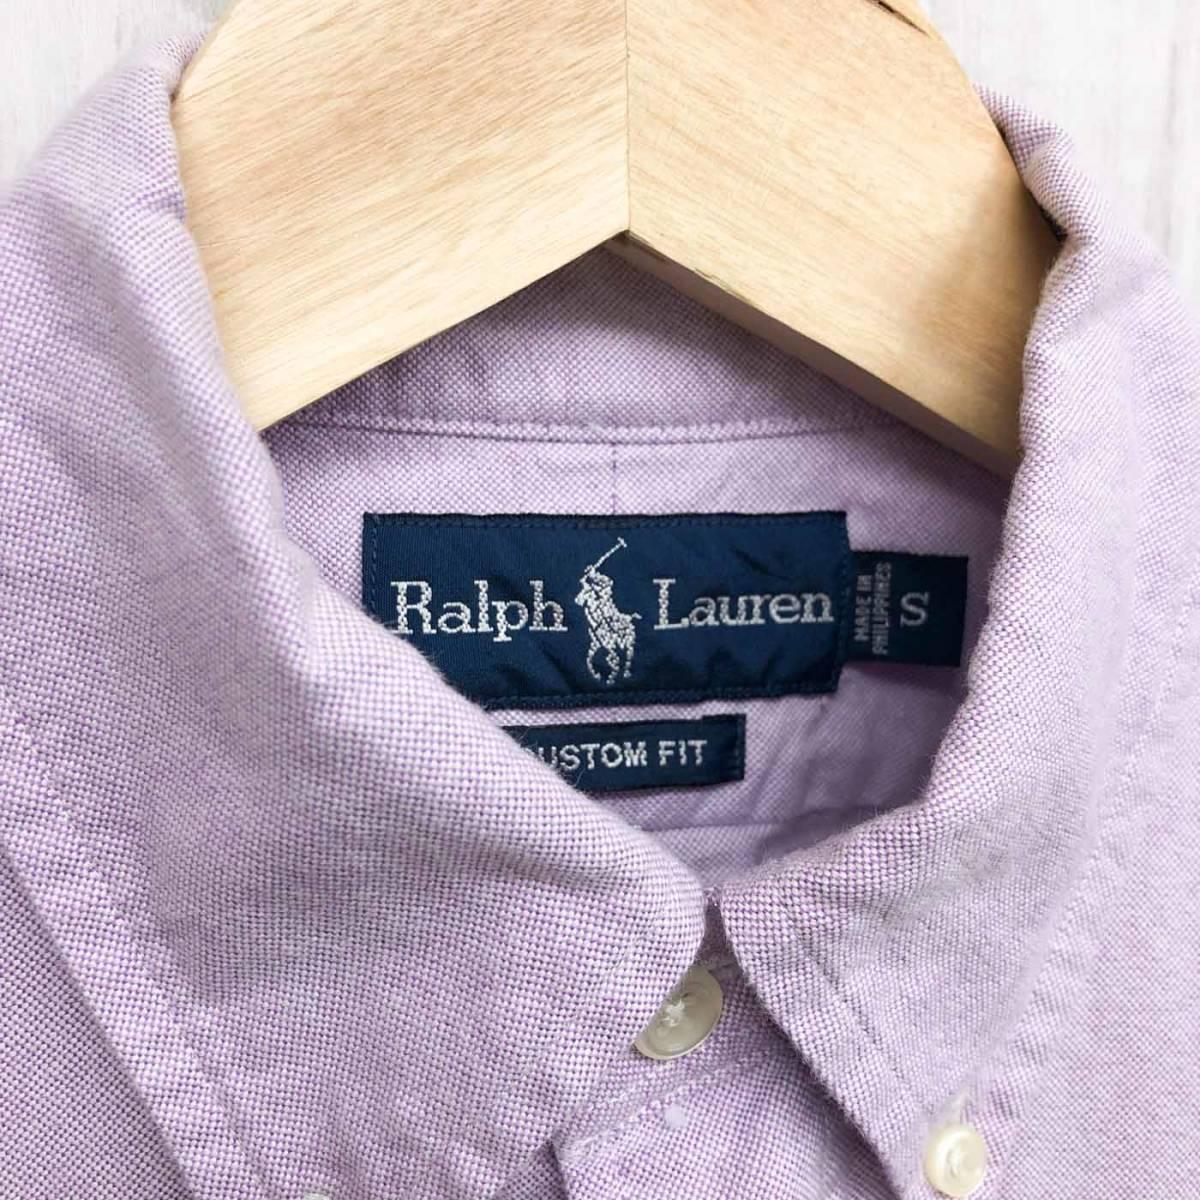 ラルフローレン POLO Ralph Lauren Polo 長袖シャツ メンズ ワンポイント Sサイズ 7-60_画像5